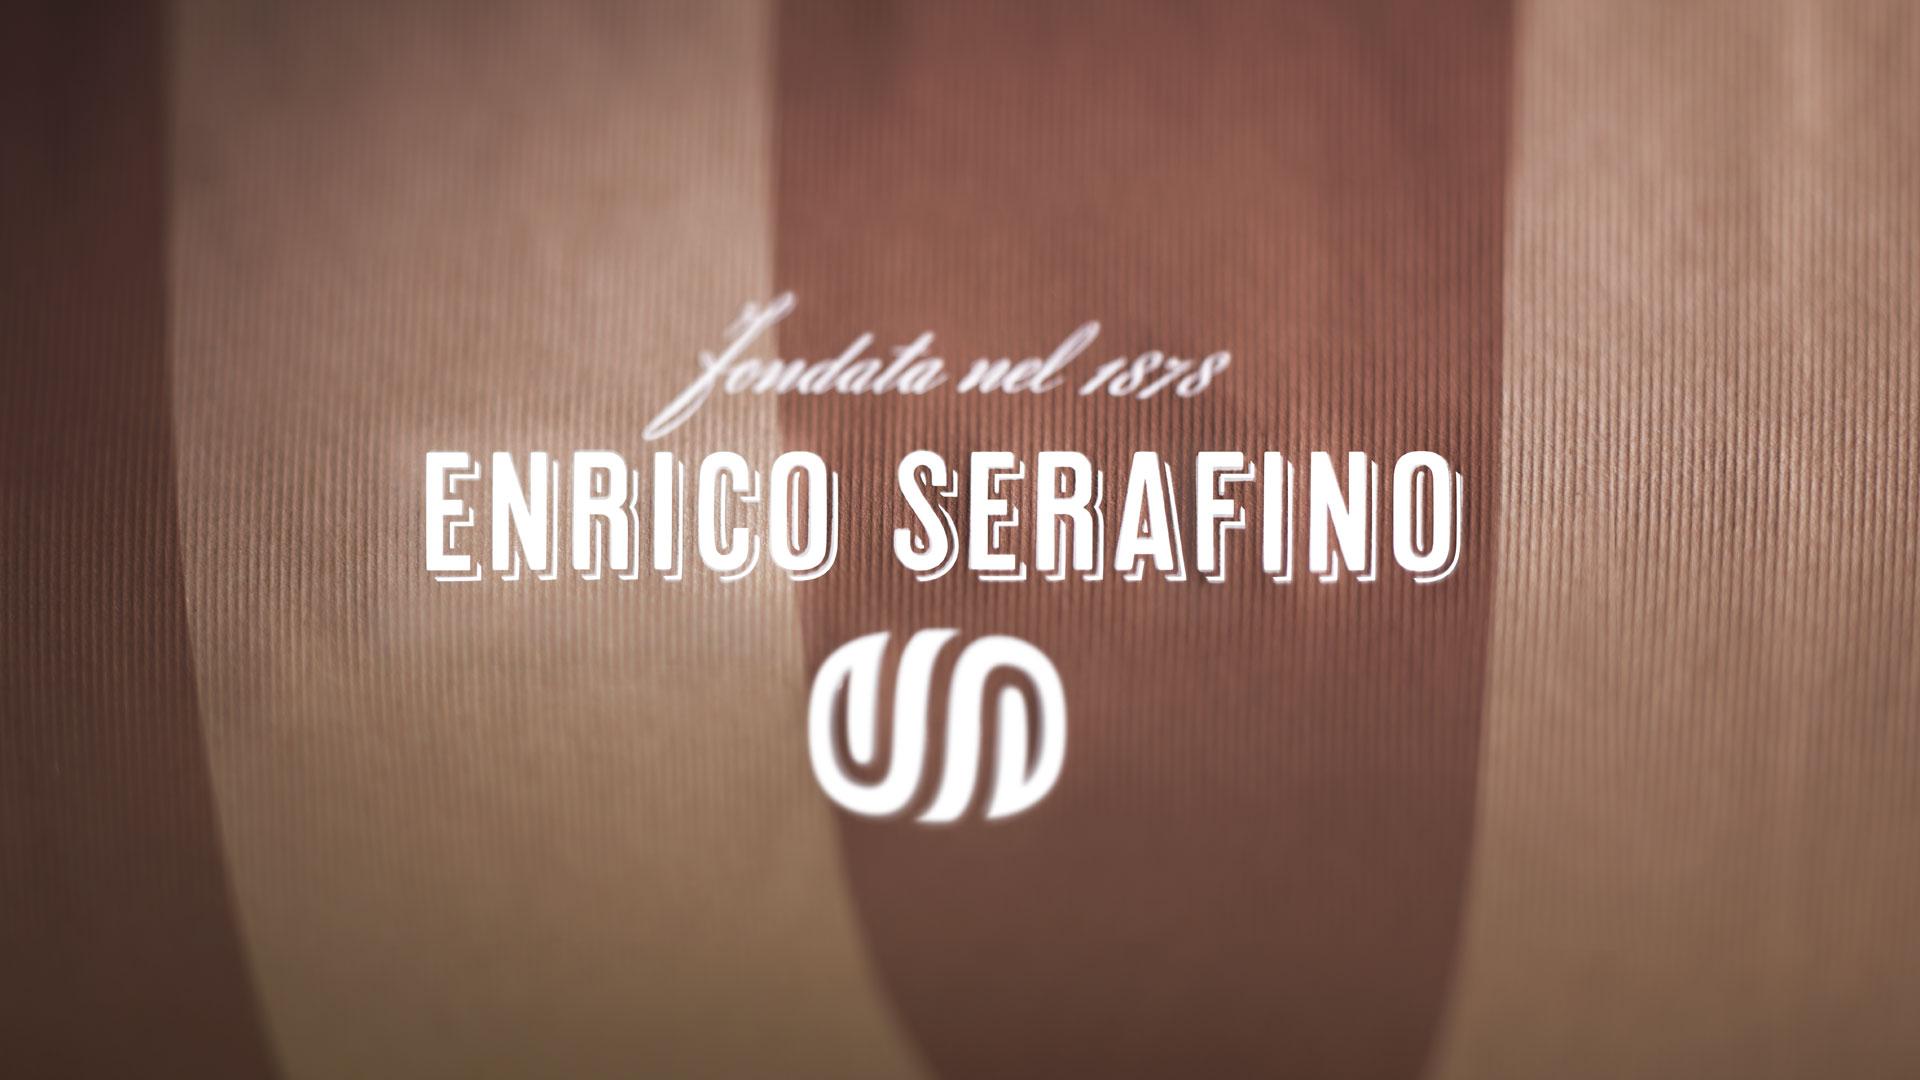 Enrico Serafino applicazione brand